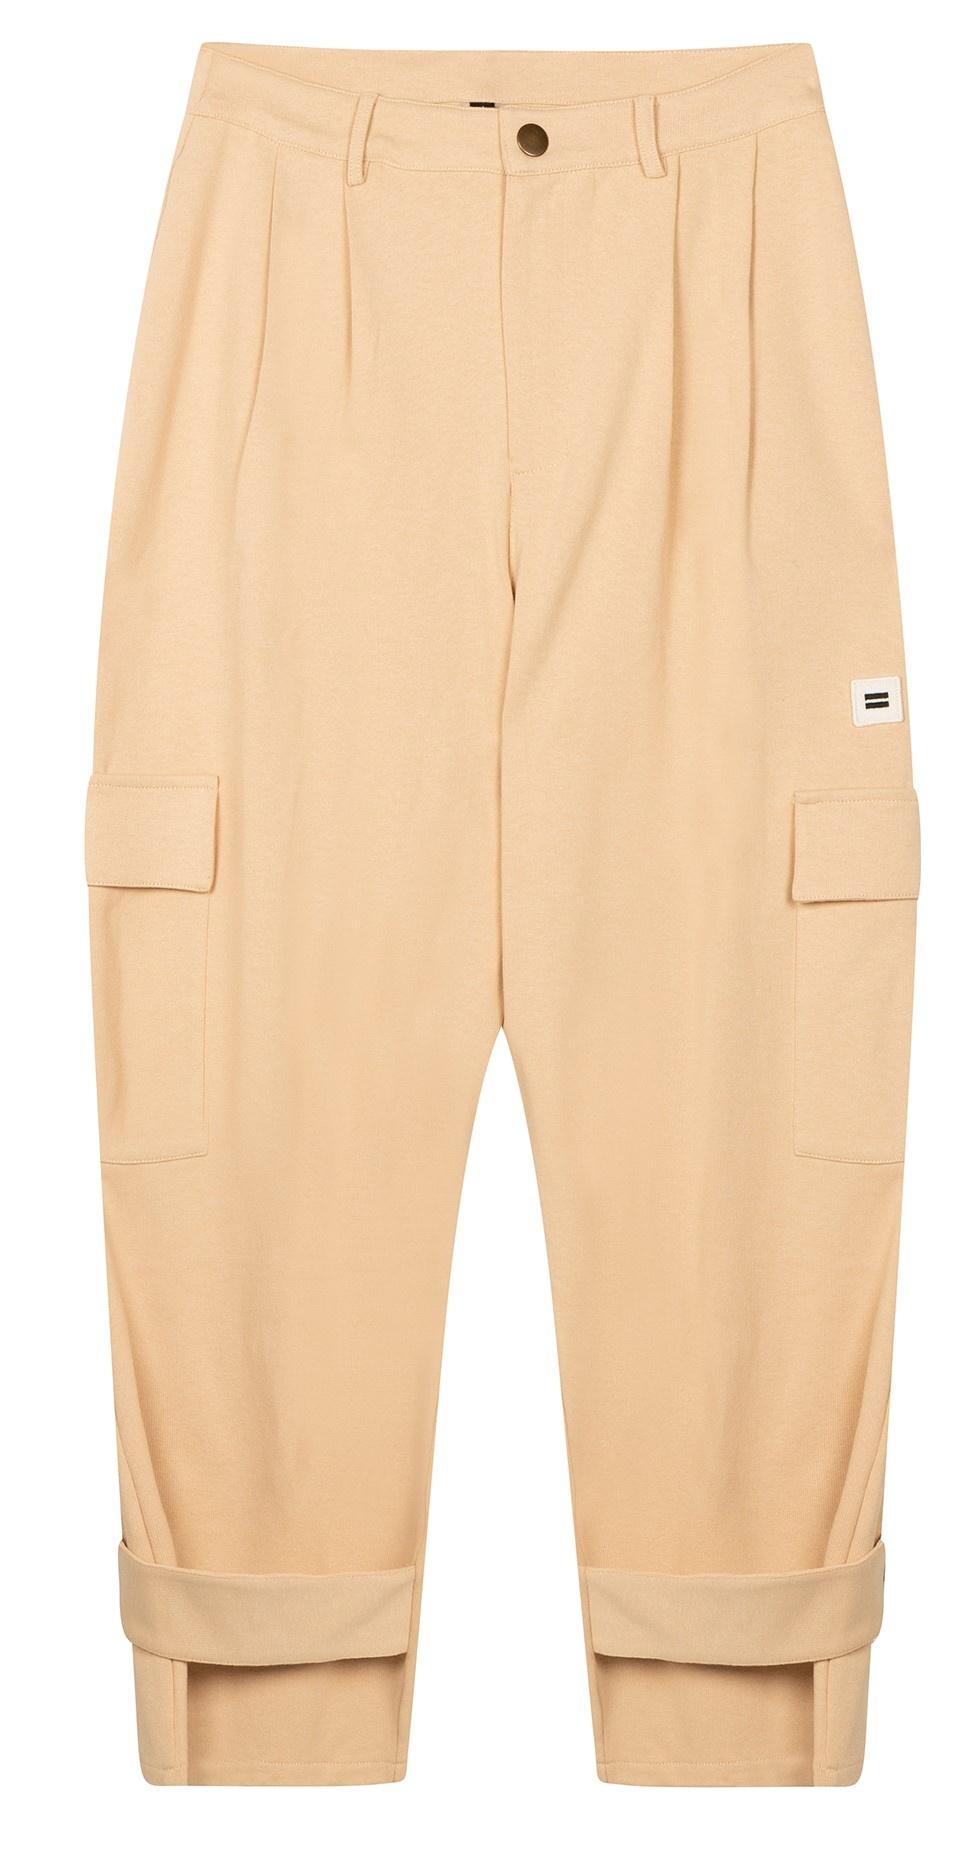 Broek Utility pants soft beige-2